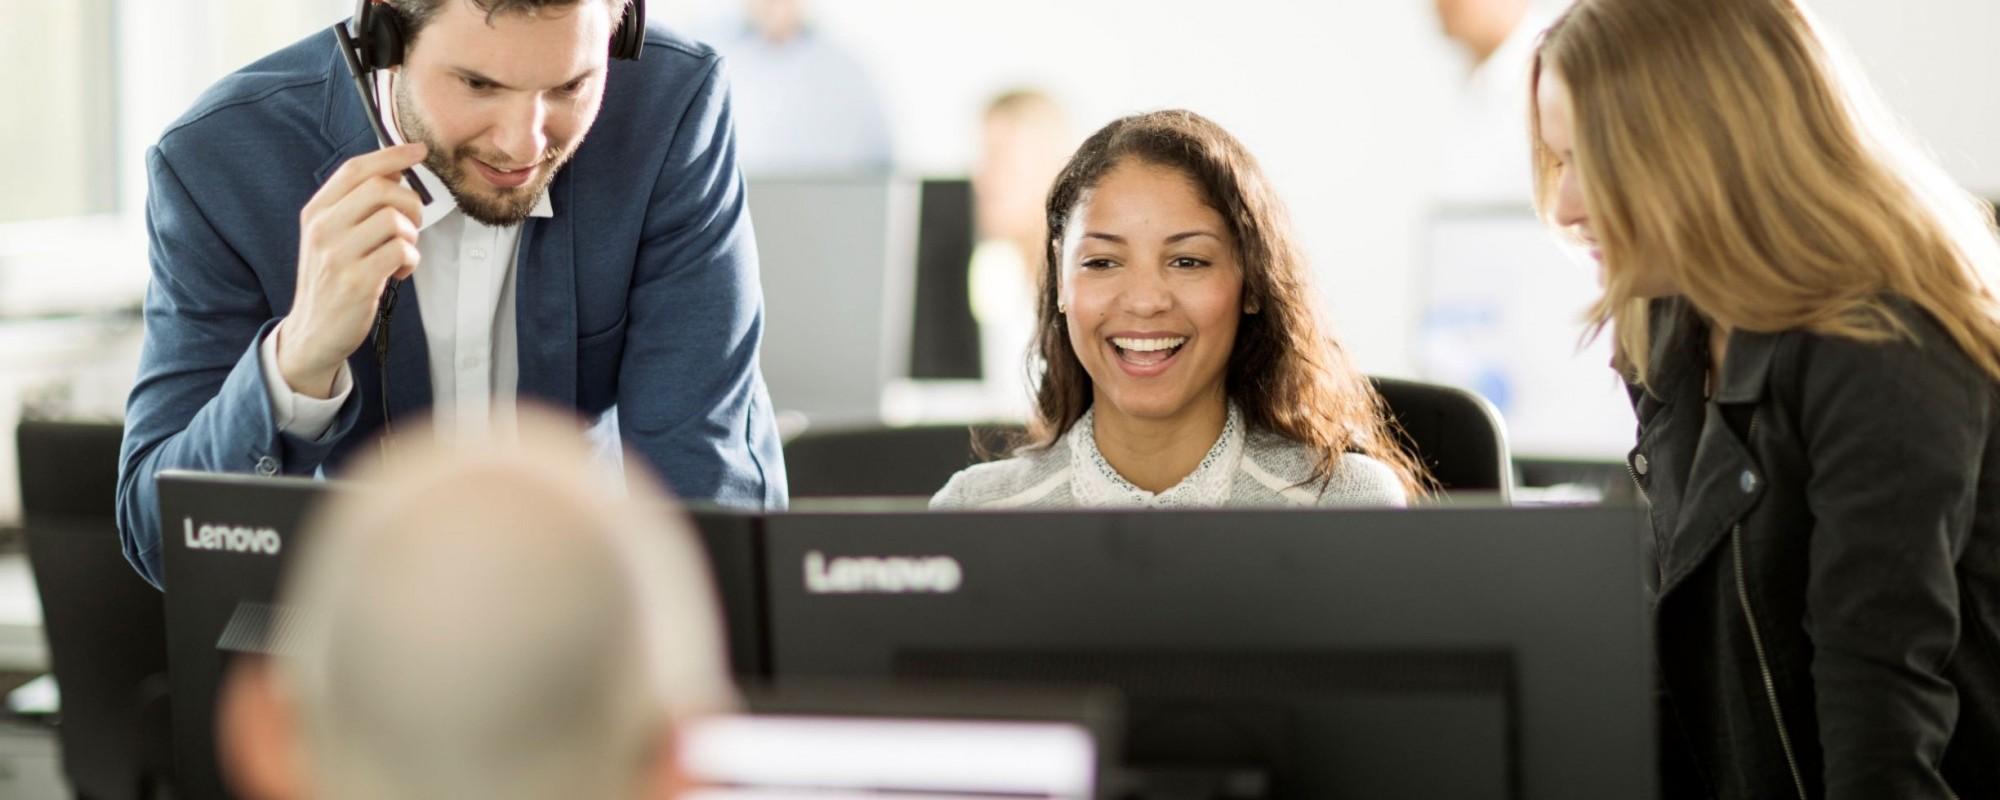 Drei Arbeitskollegen die zusammen vor einem Computer ein Gespräch halten.